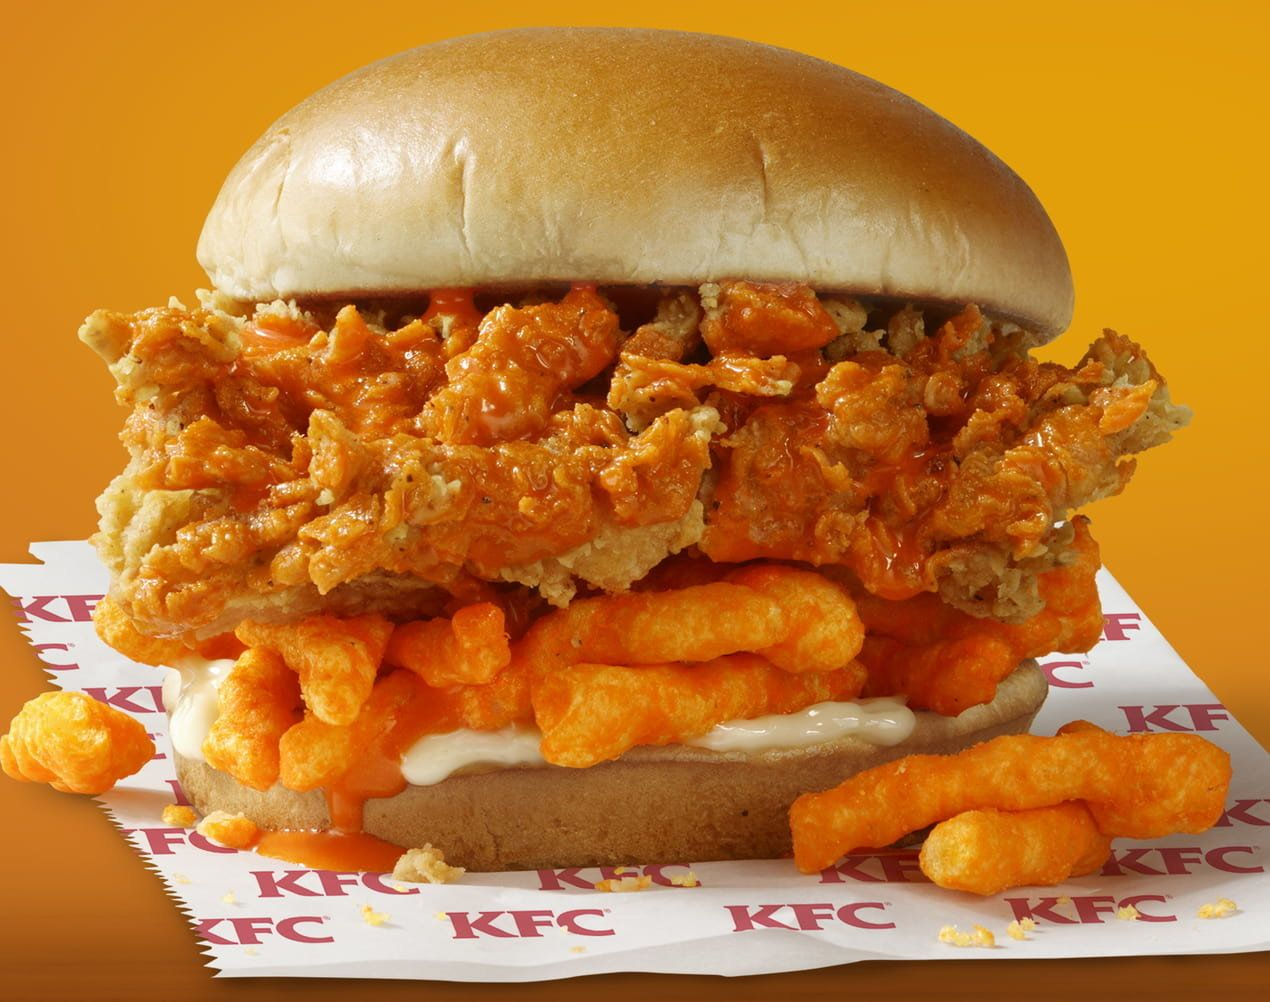 Junk food ao cubo: KFC nos EUA testa novo sanduíche de frango frito com